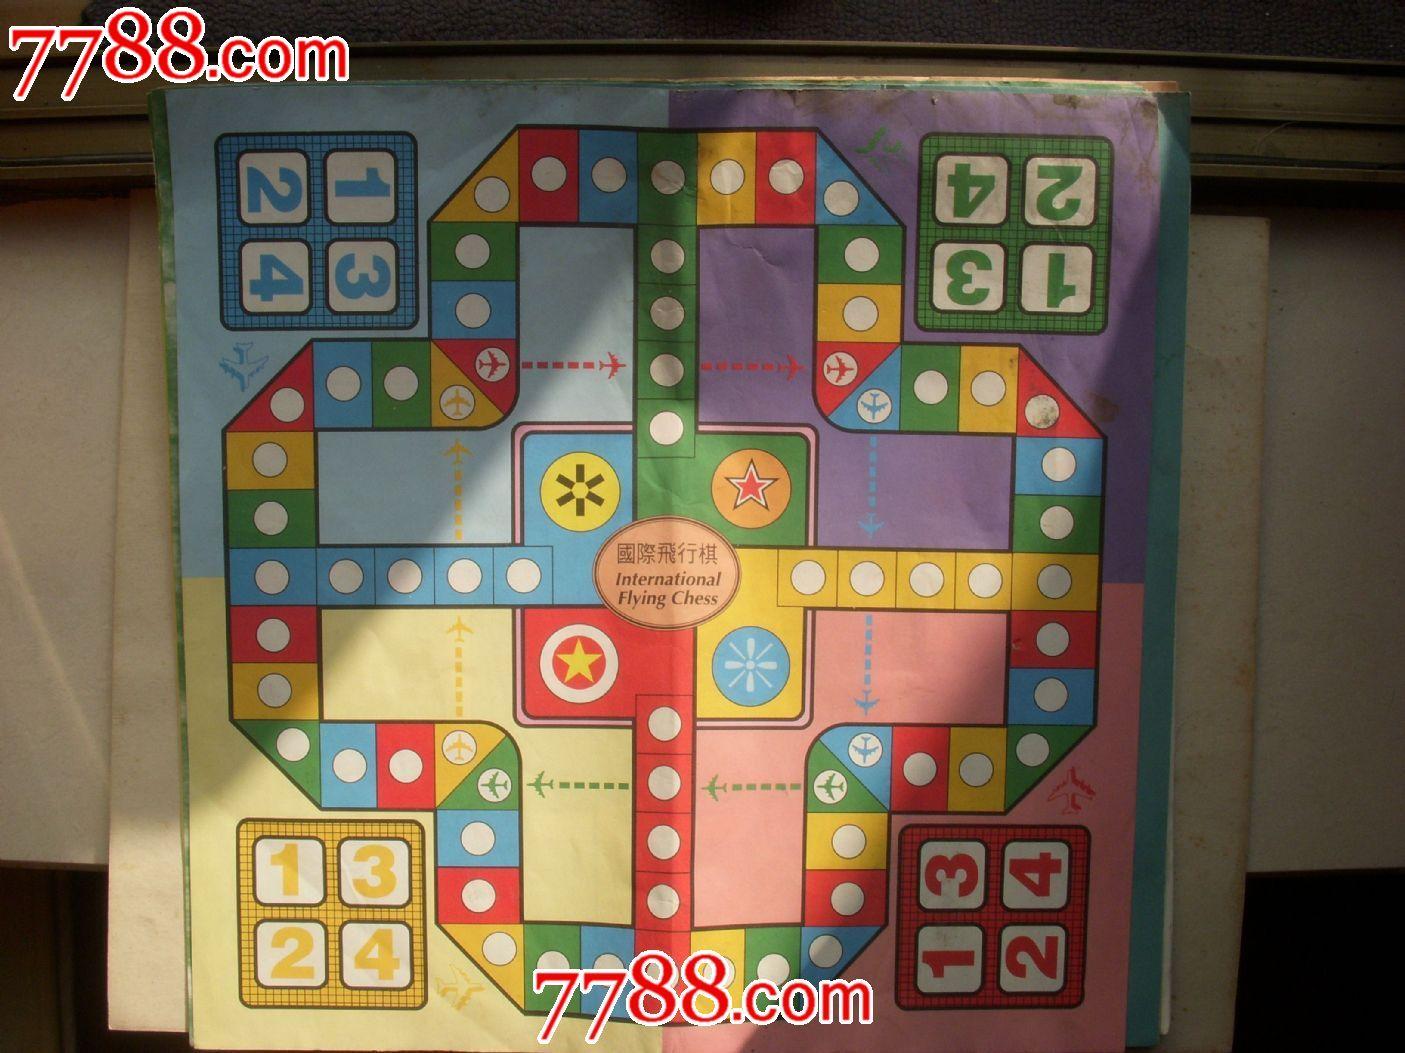 国际飞行棋纸棋盘图片